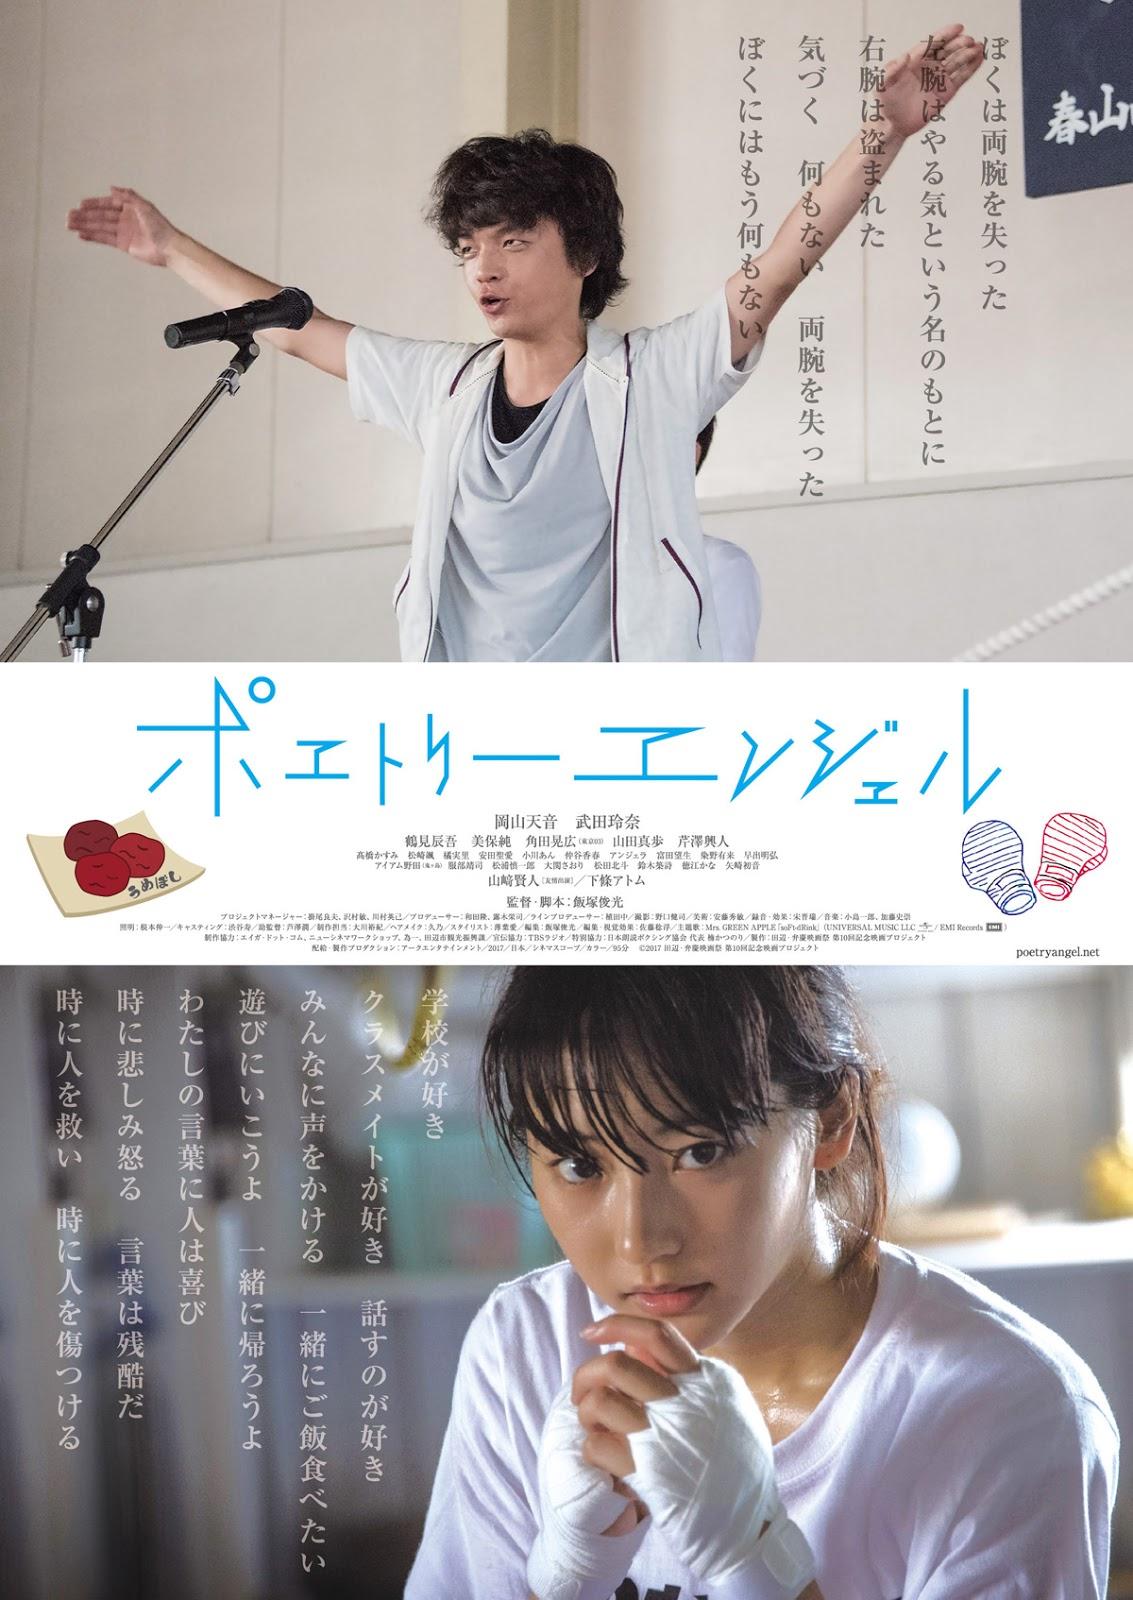 Watch Movie Poetry Angel (Poetorî enjeru) (2016)